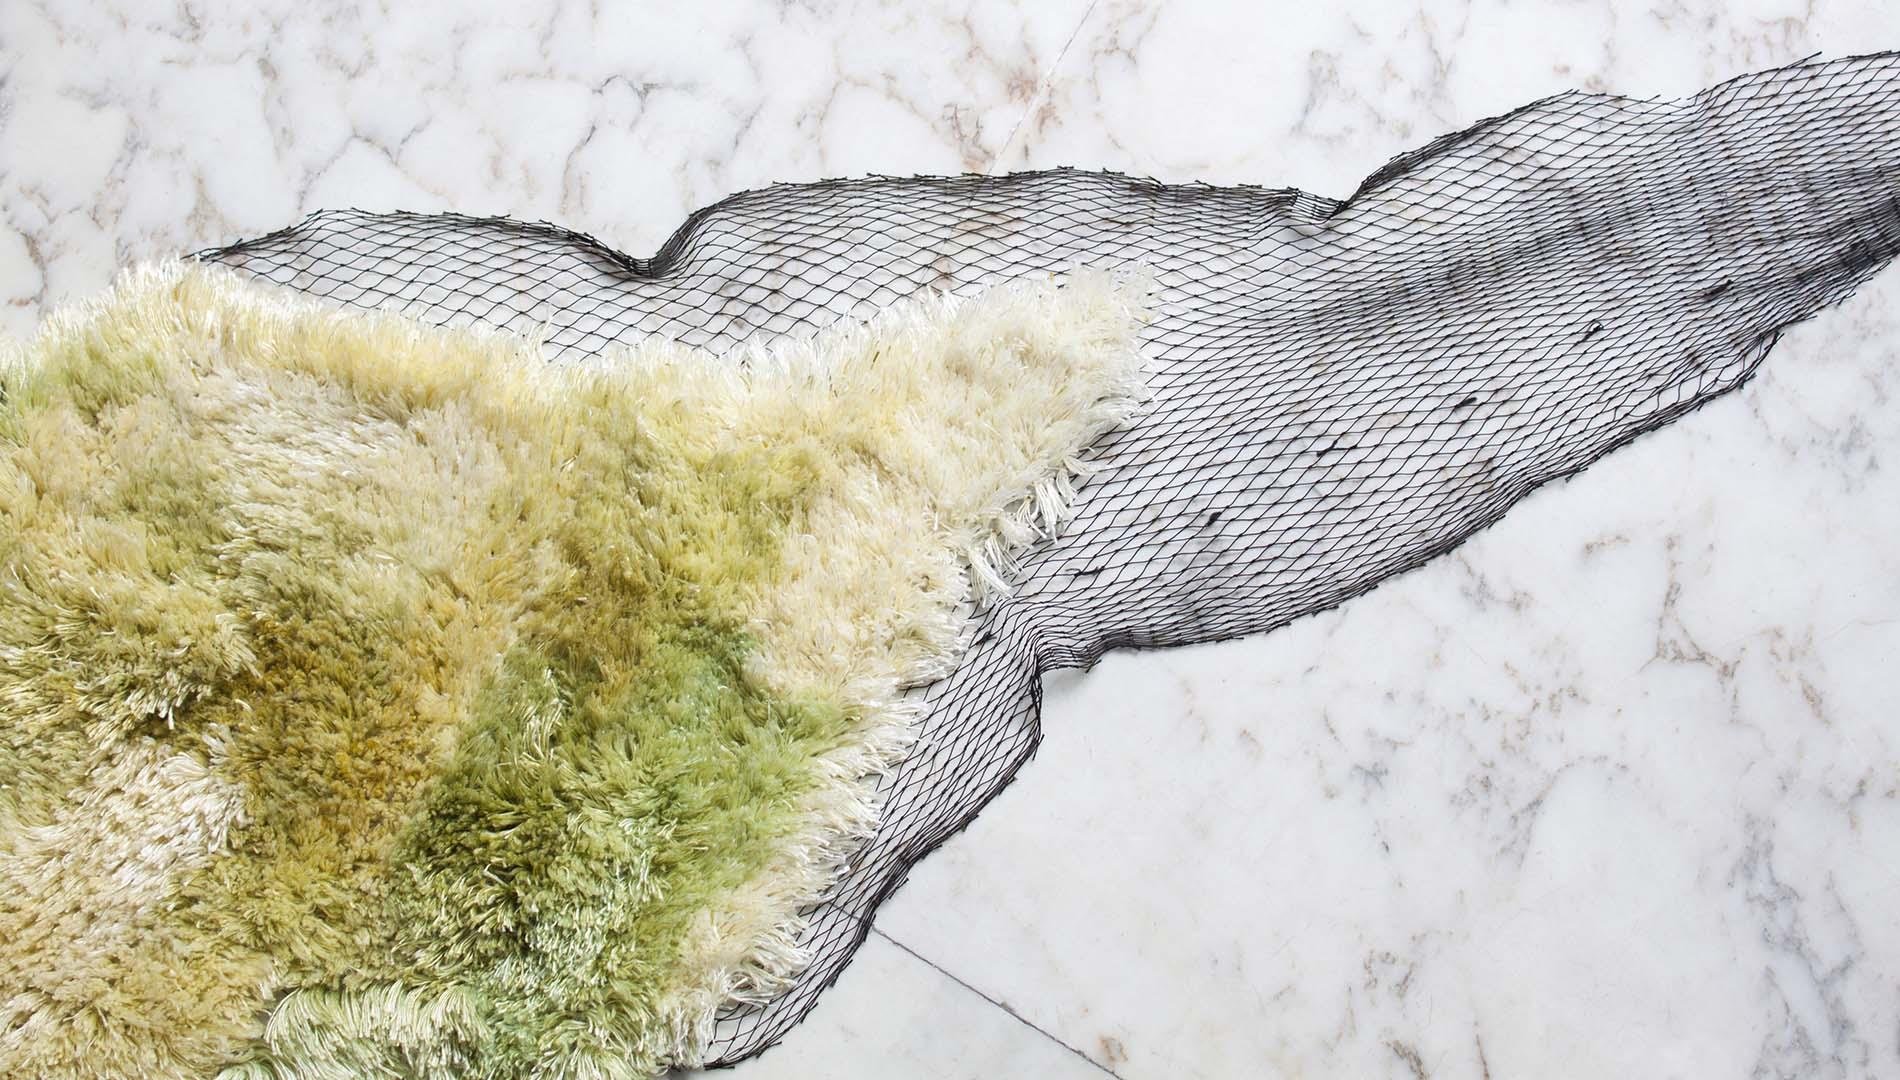 Tejidos realizados con materiales ecológicos, la alternativa a la ropa de plástico.